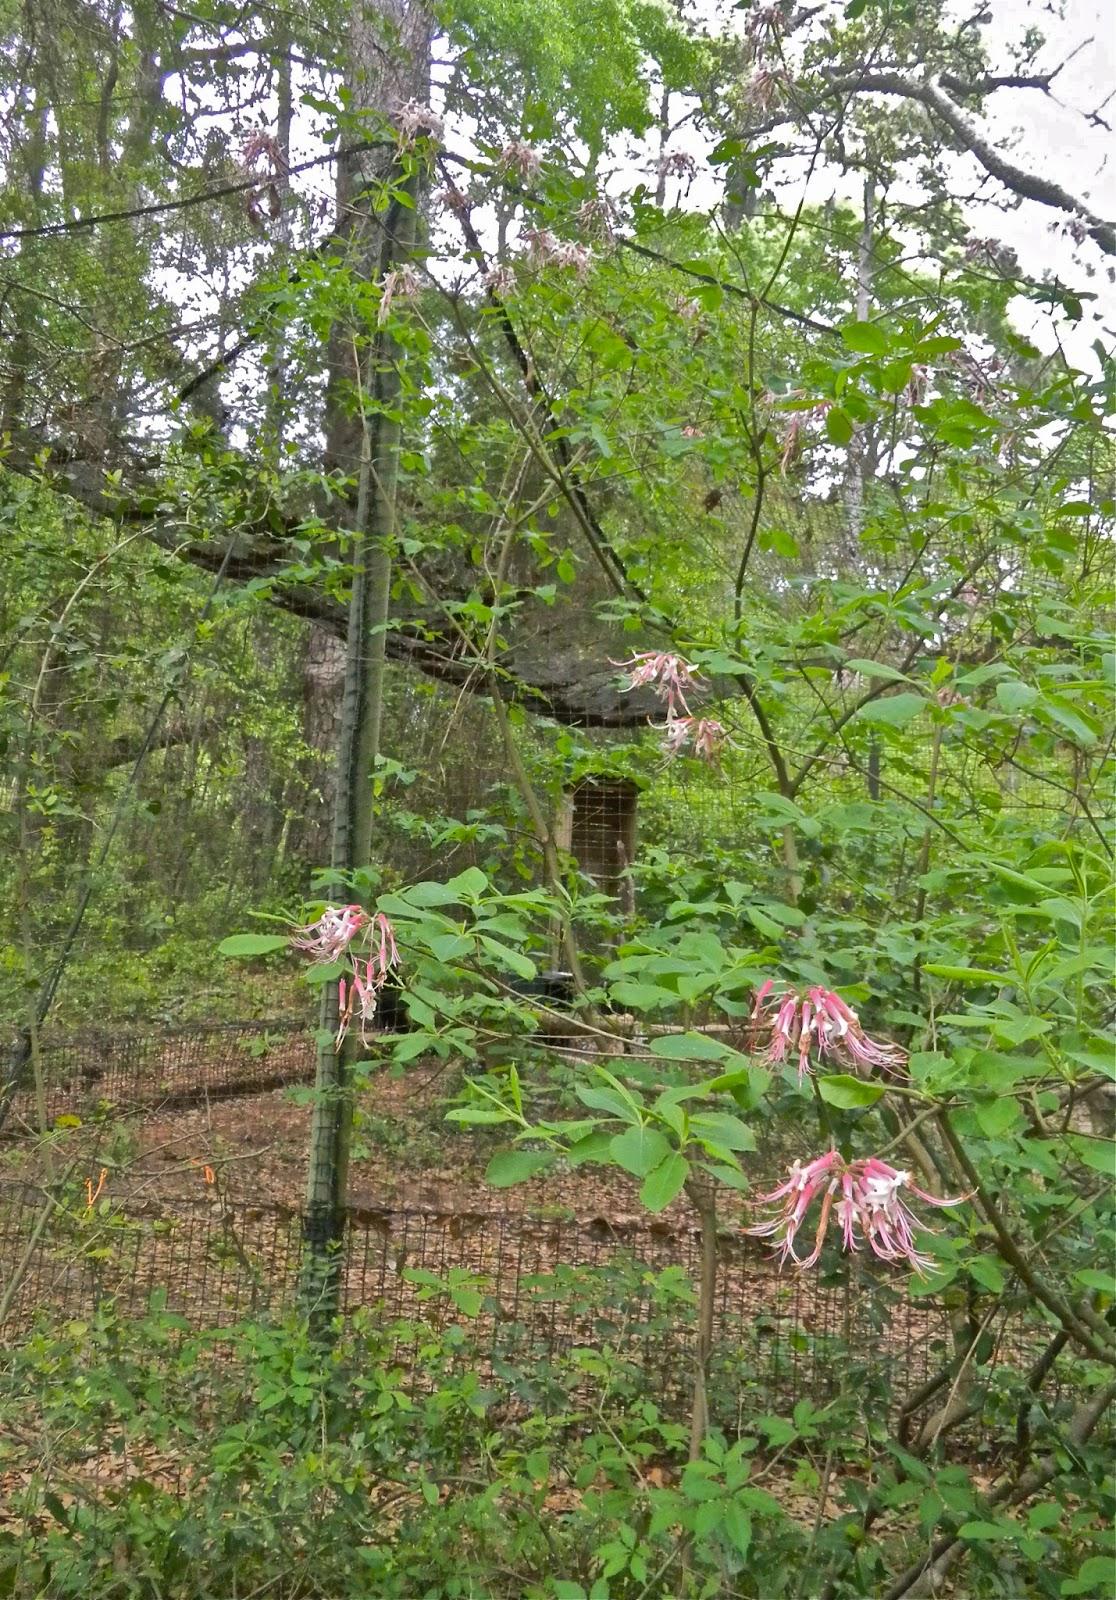 Native azalea at Brookgreen Gardens